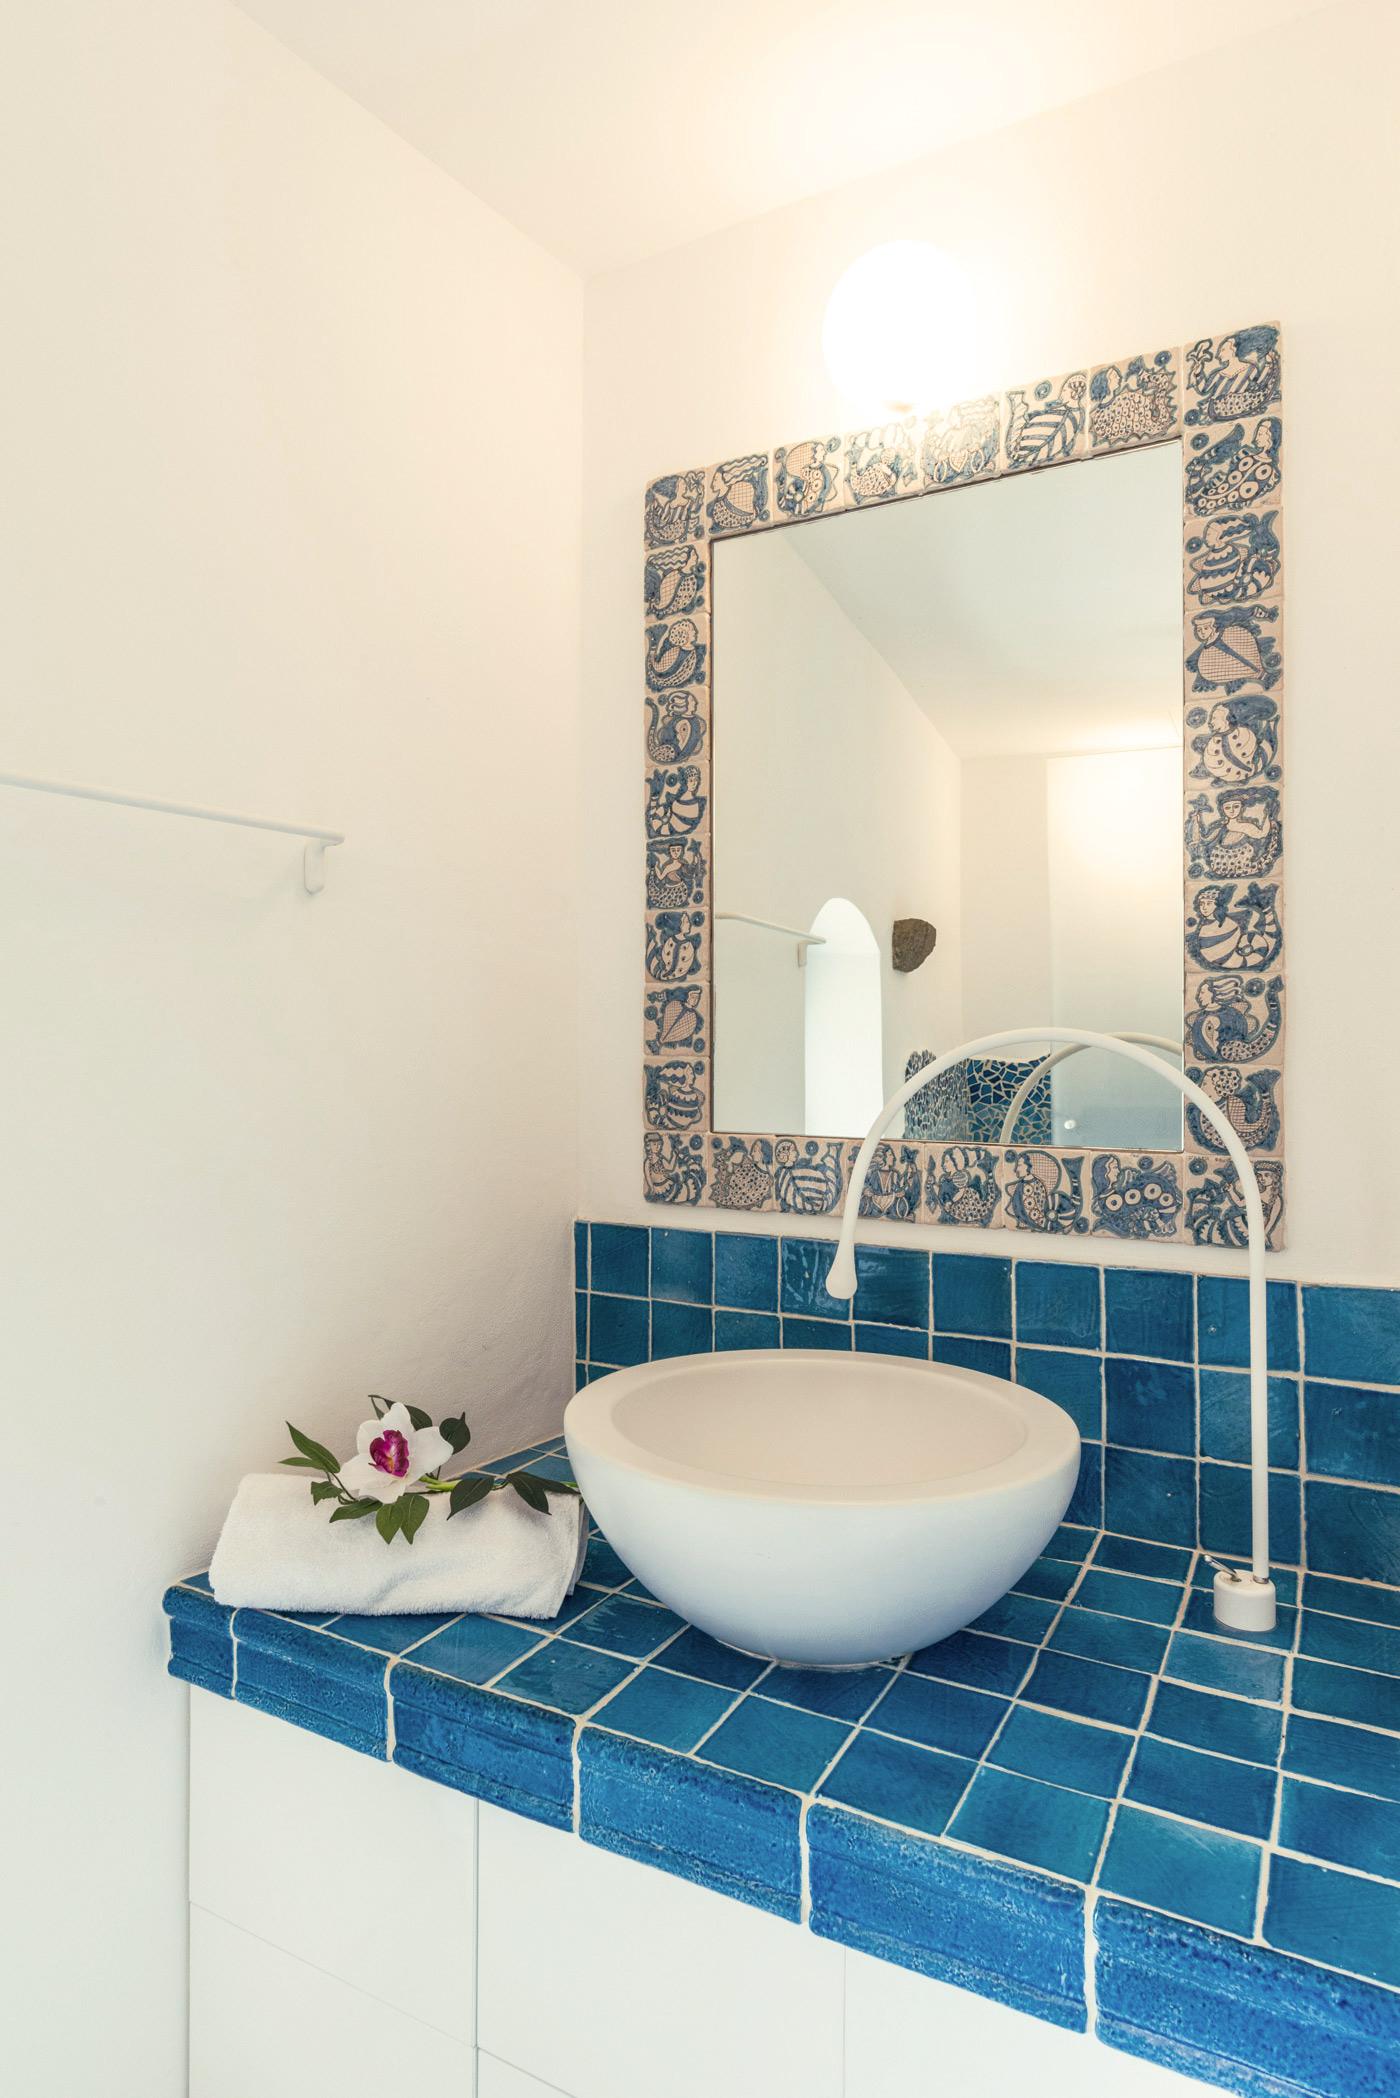 180d2373db ... possiamo utilizzare nelle murature; non è insolito quindi trovare  muretti, ripiani, mensole realizzati in muratura in un bagno in cotto fatto  a mano.